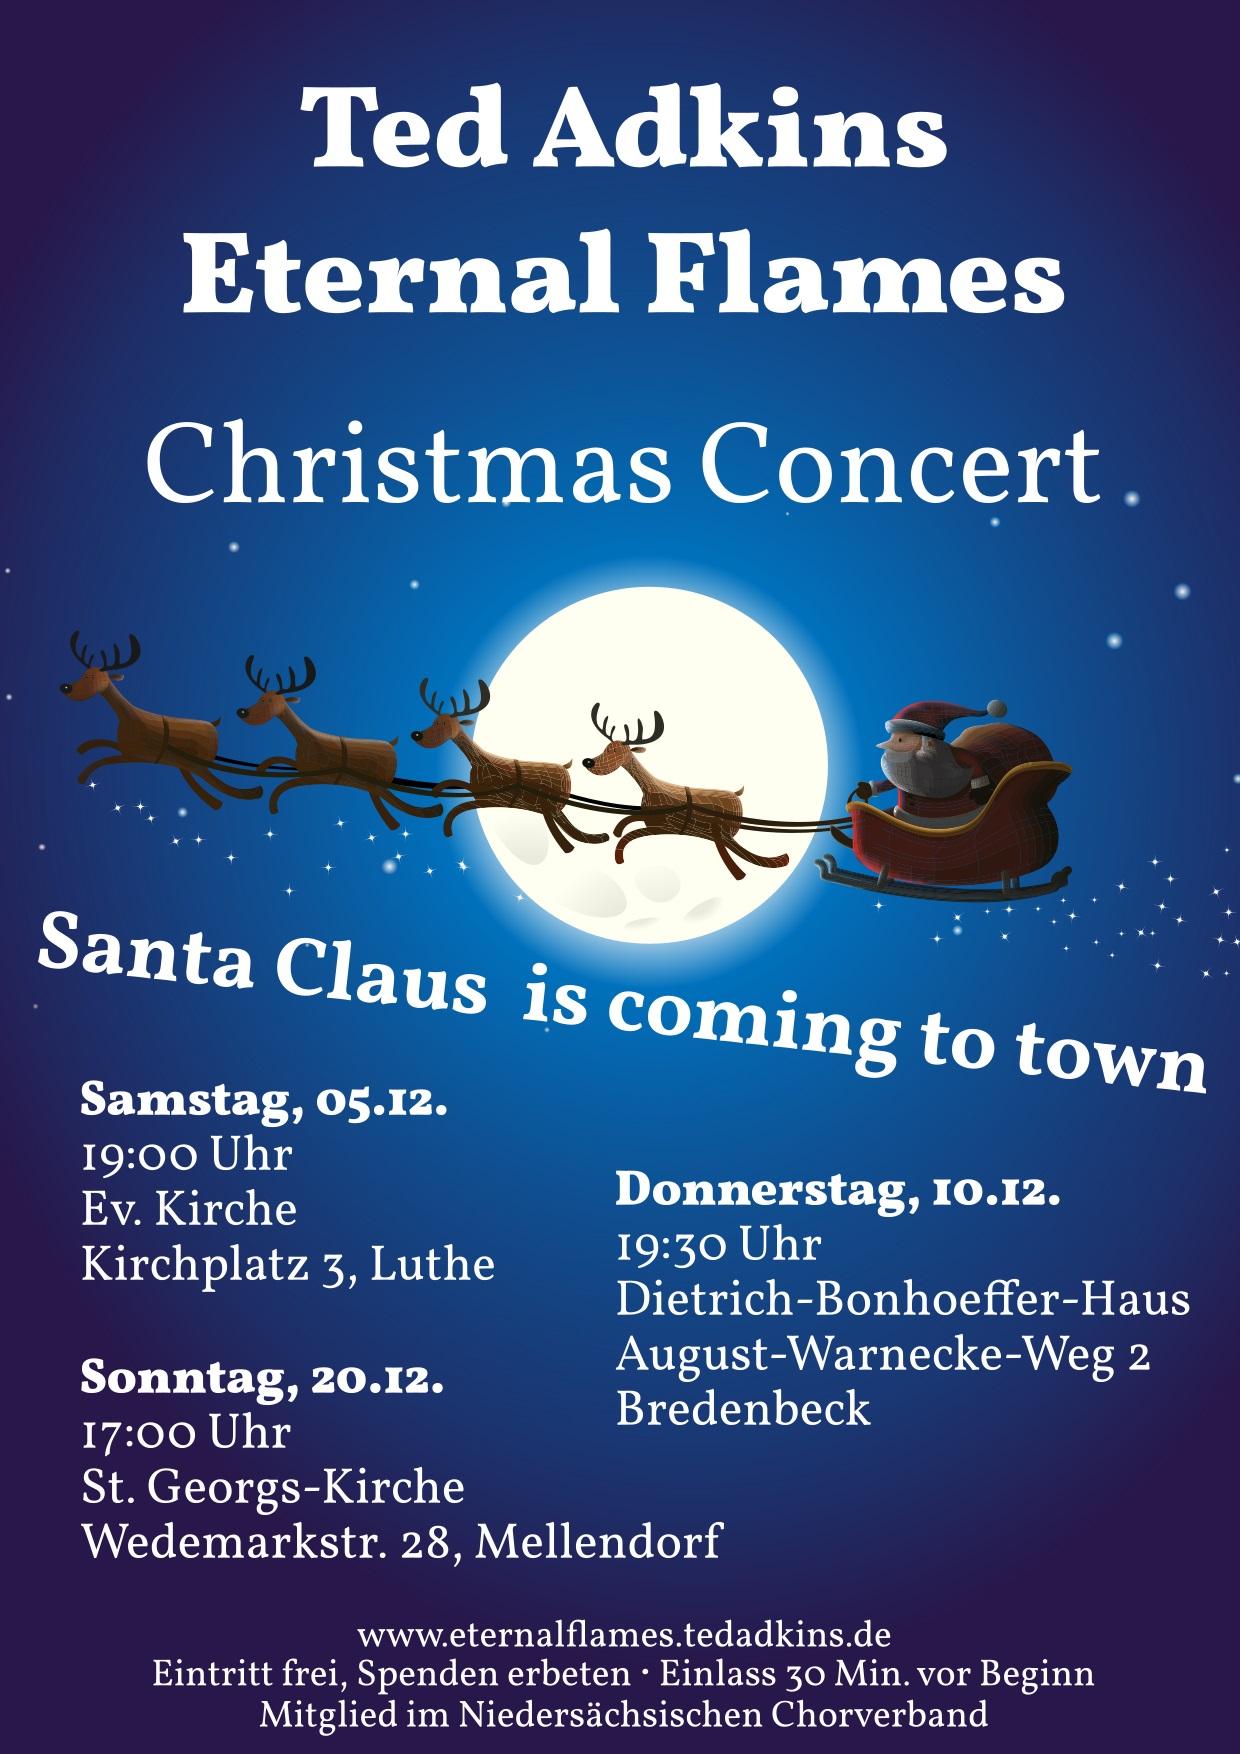 Santa Claus comes to Bredenbeck